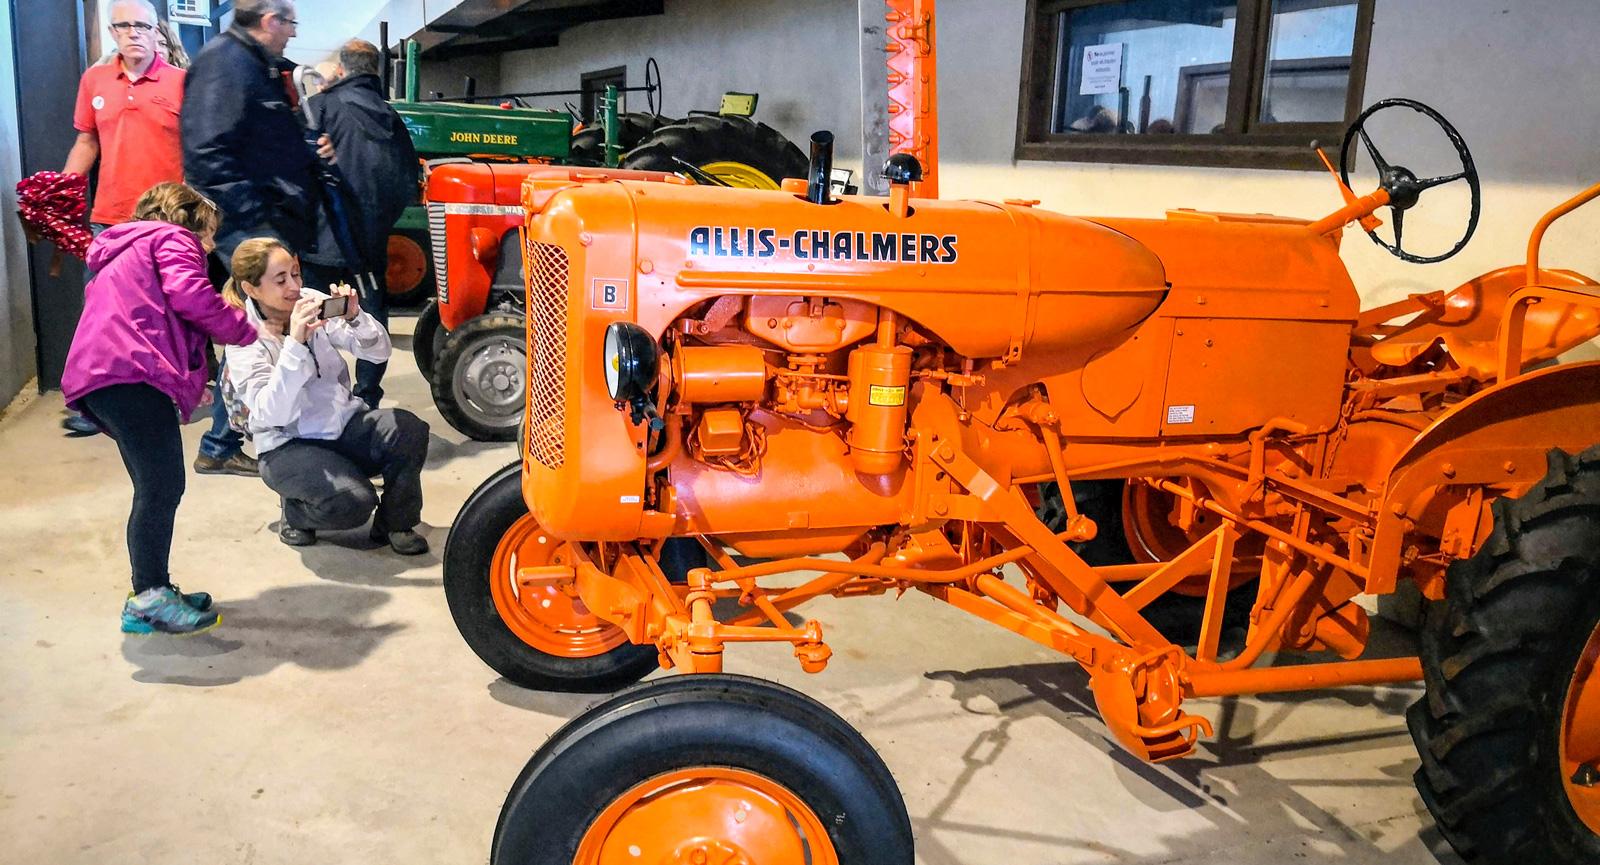 Museum med traktorer och andra jordbruksredskap finns på gården. Vi gick en guidad rundtur med filmvisning, besök i stall och museum. Fem euro.